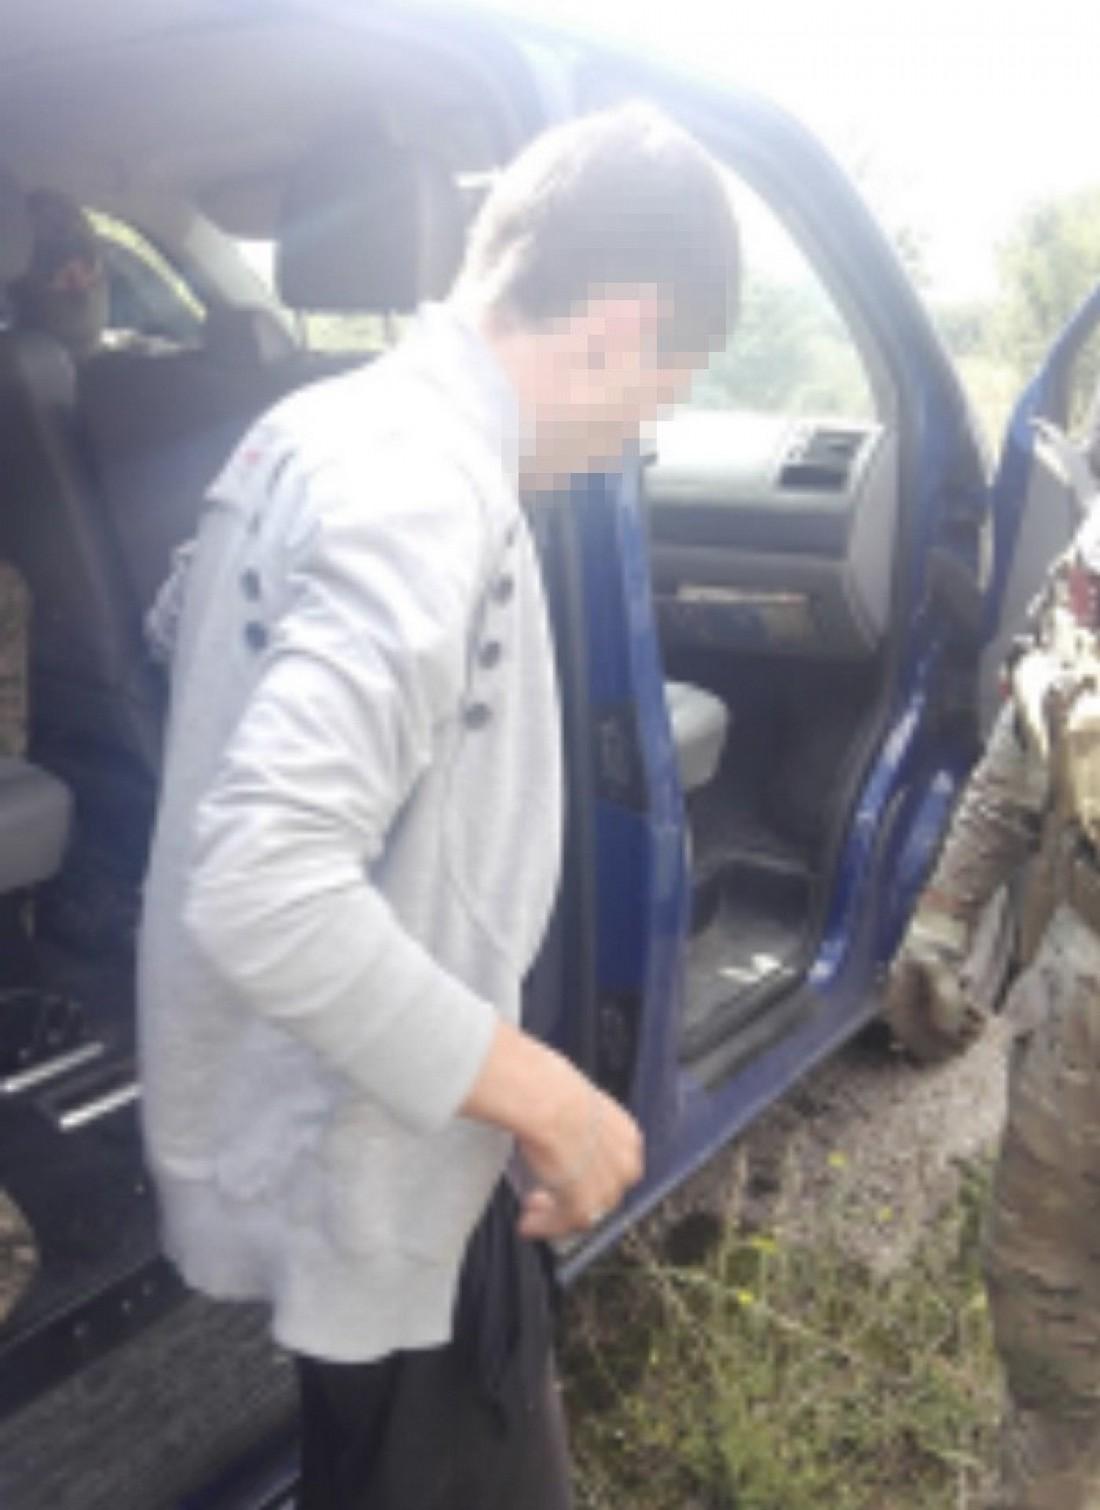 Злоумышленник занимался распространением антиукраинских материалов через соцсети